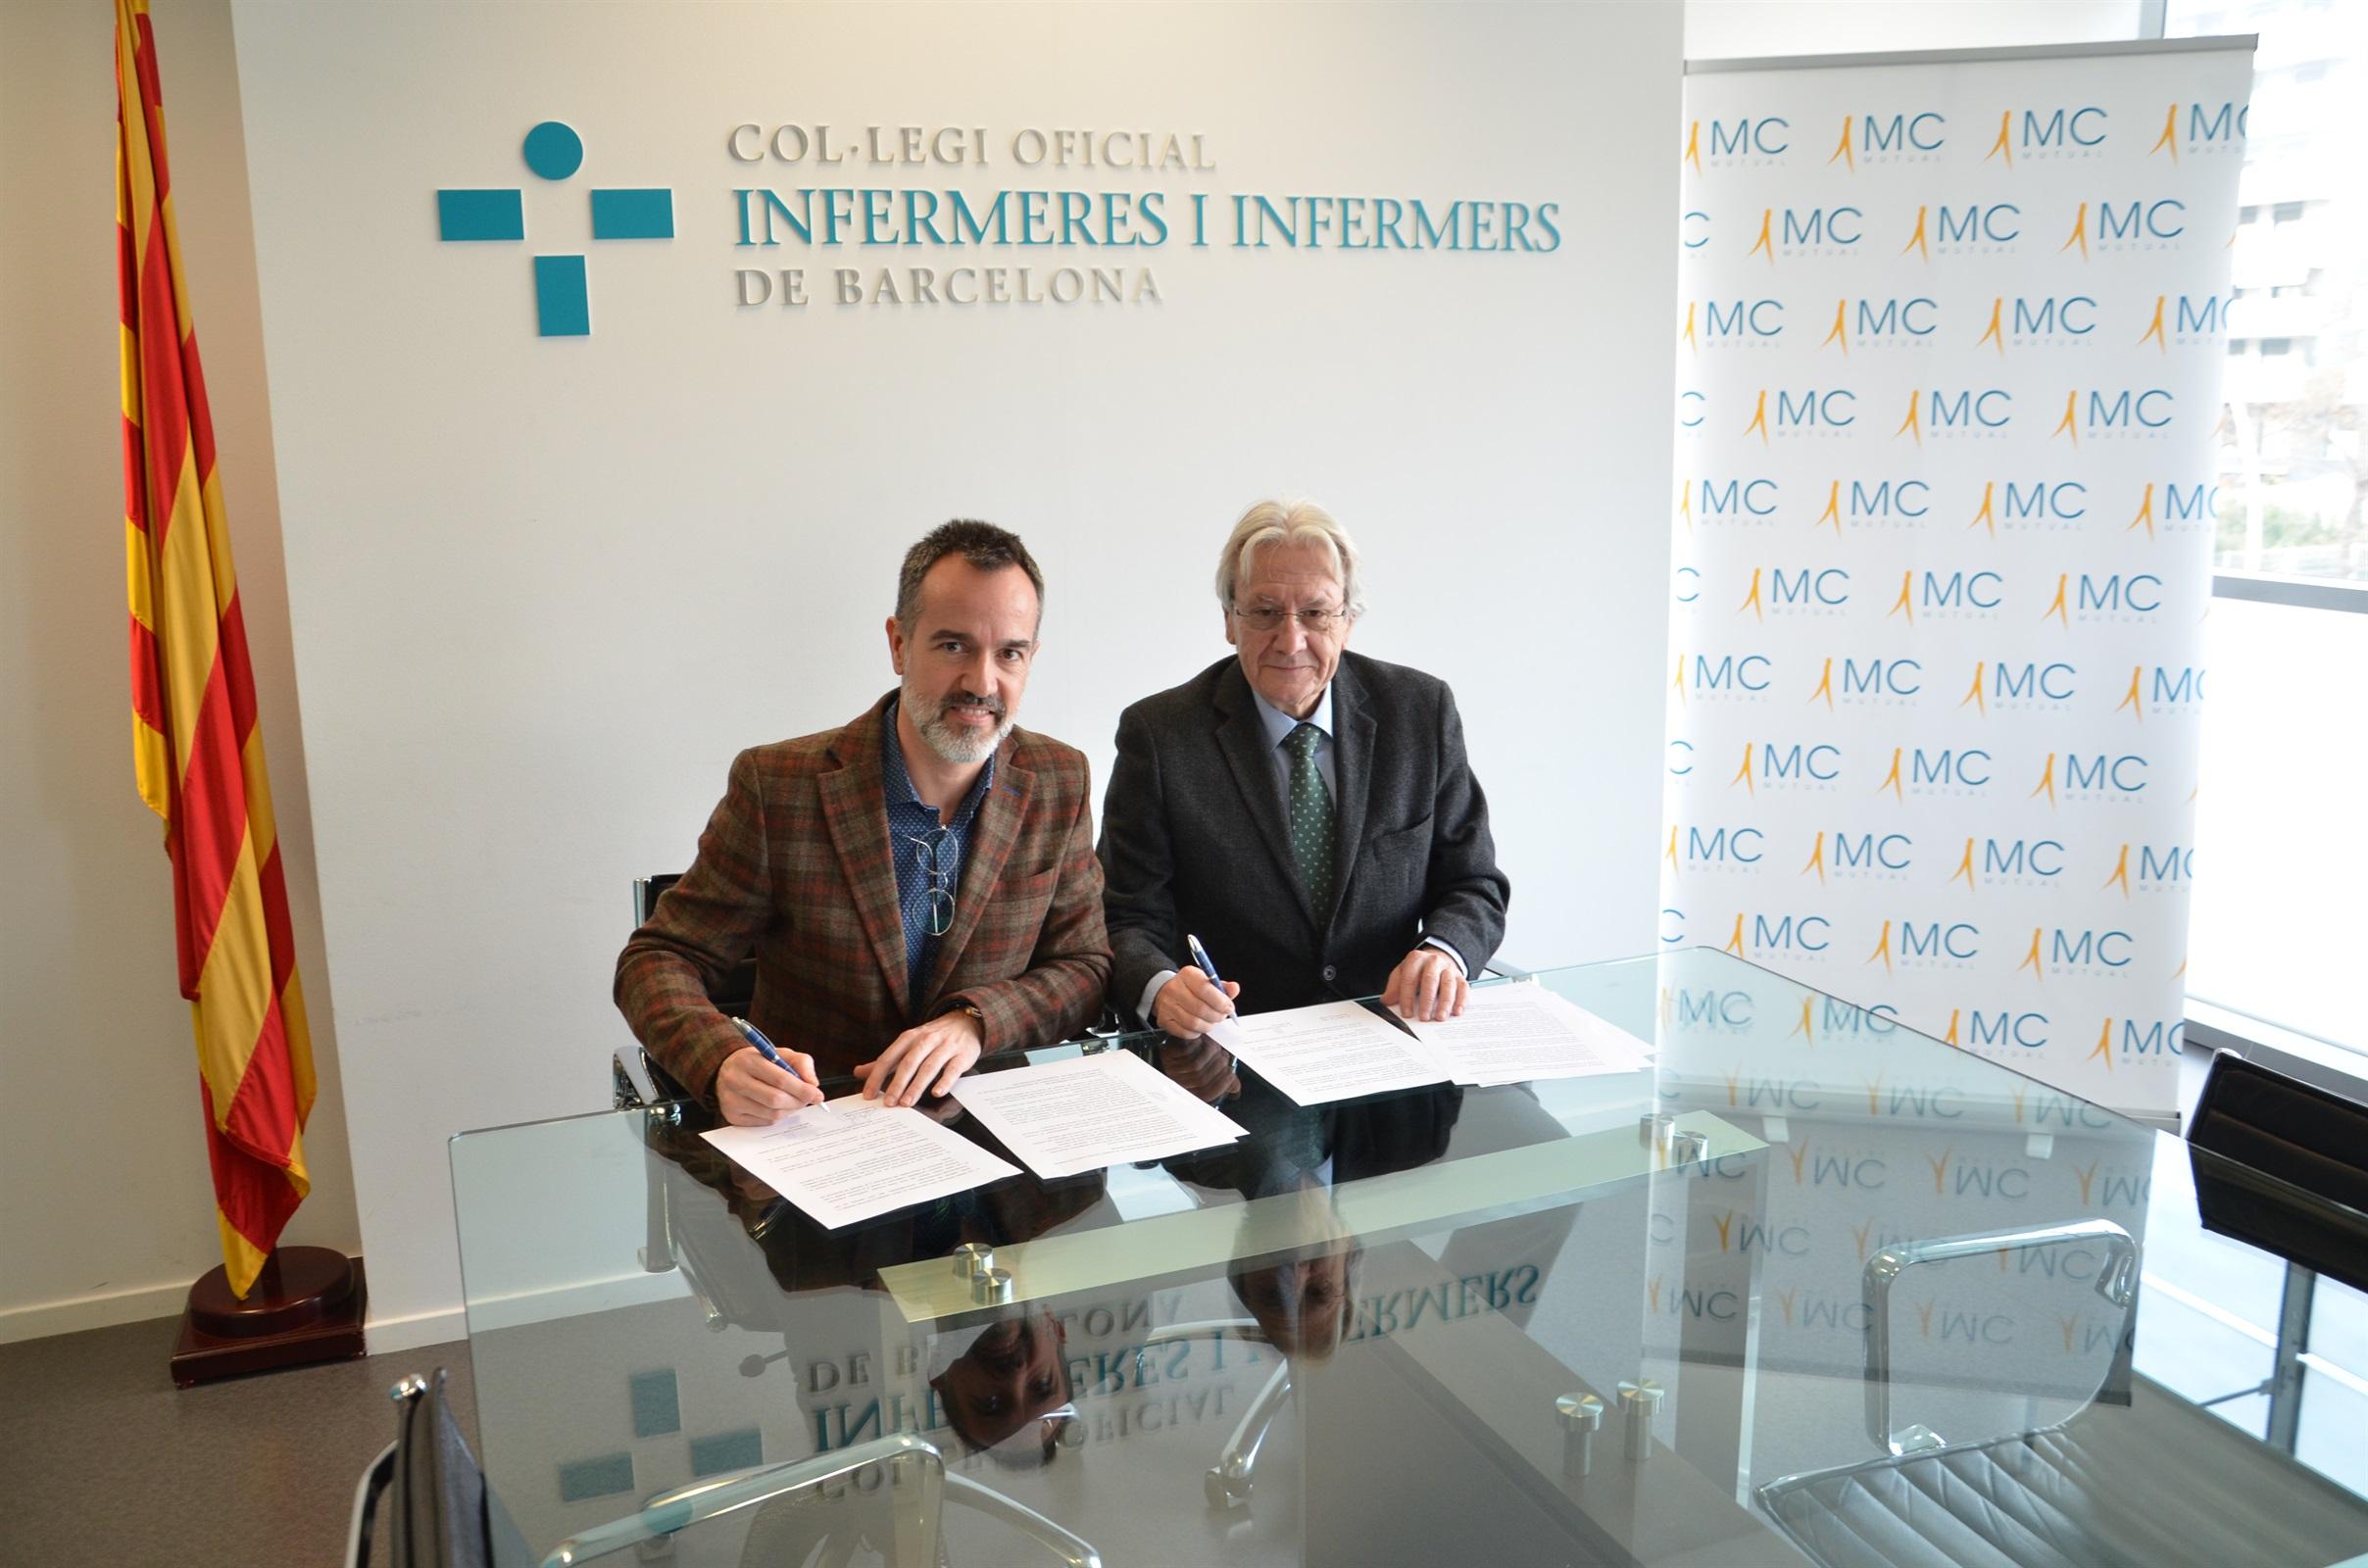 El COIB i MC MUTUAL signen un acord per intercanviar coneixement en l'àmbit sanitari i assistencial